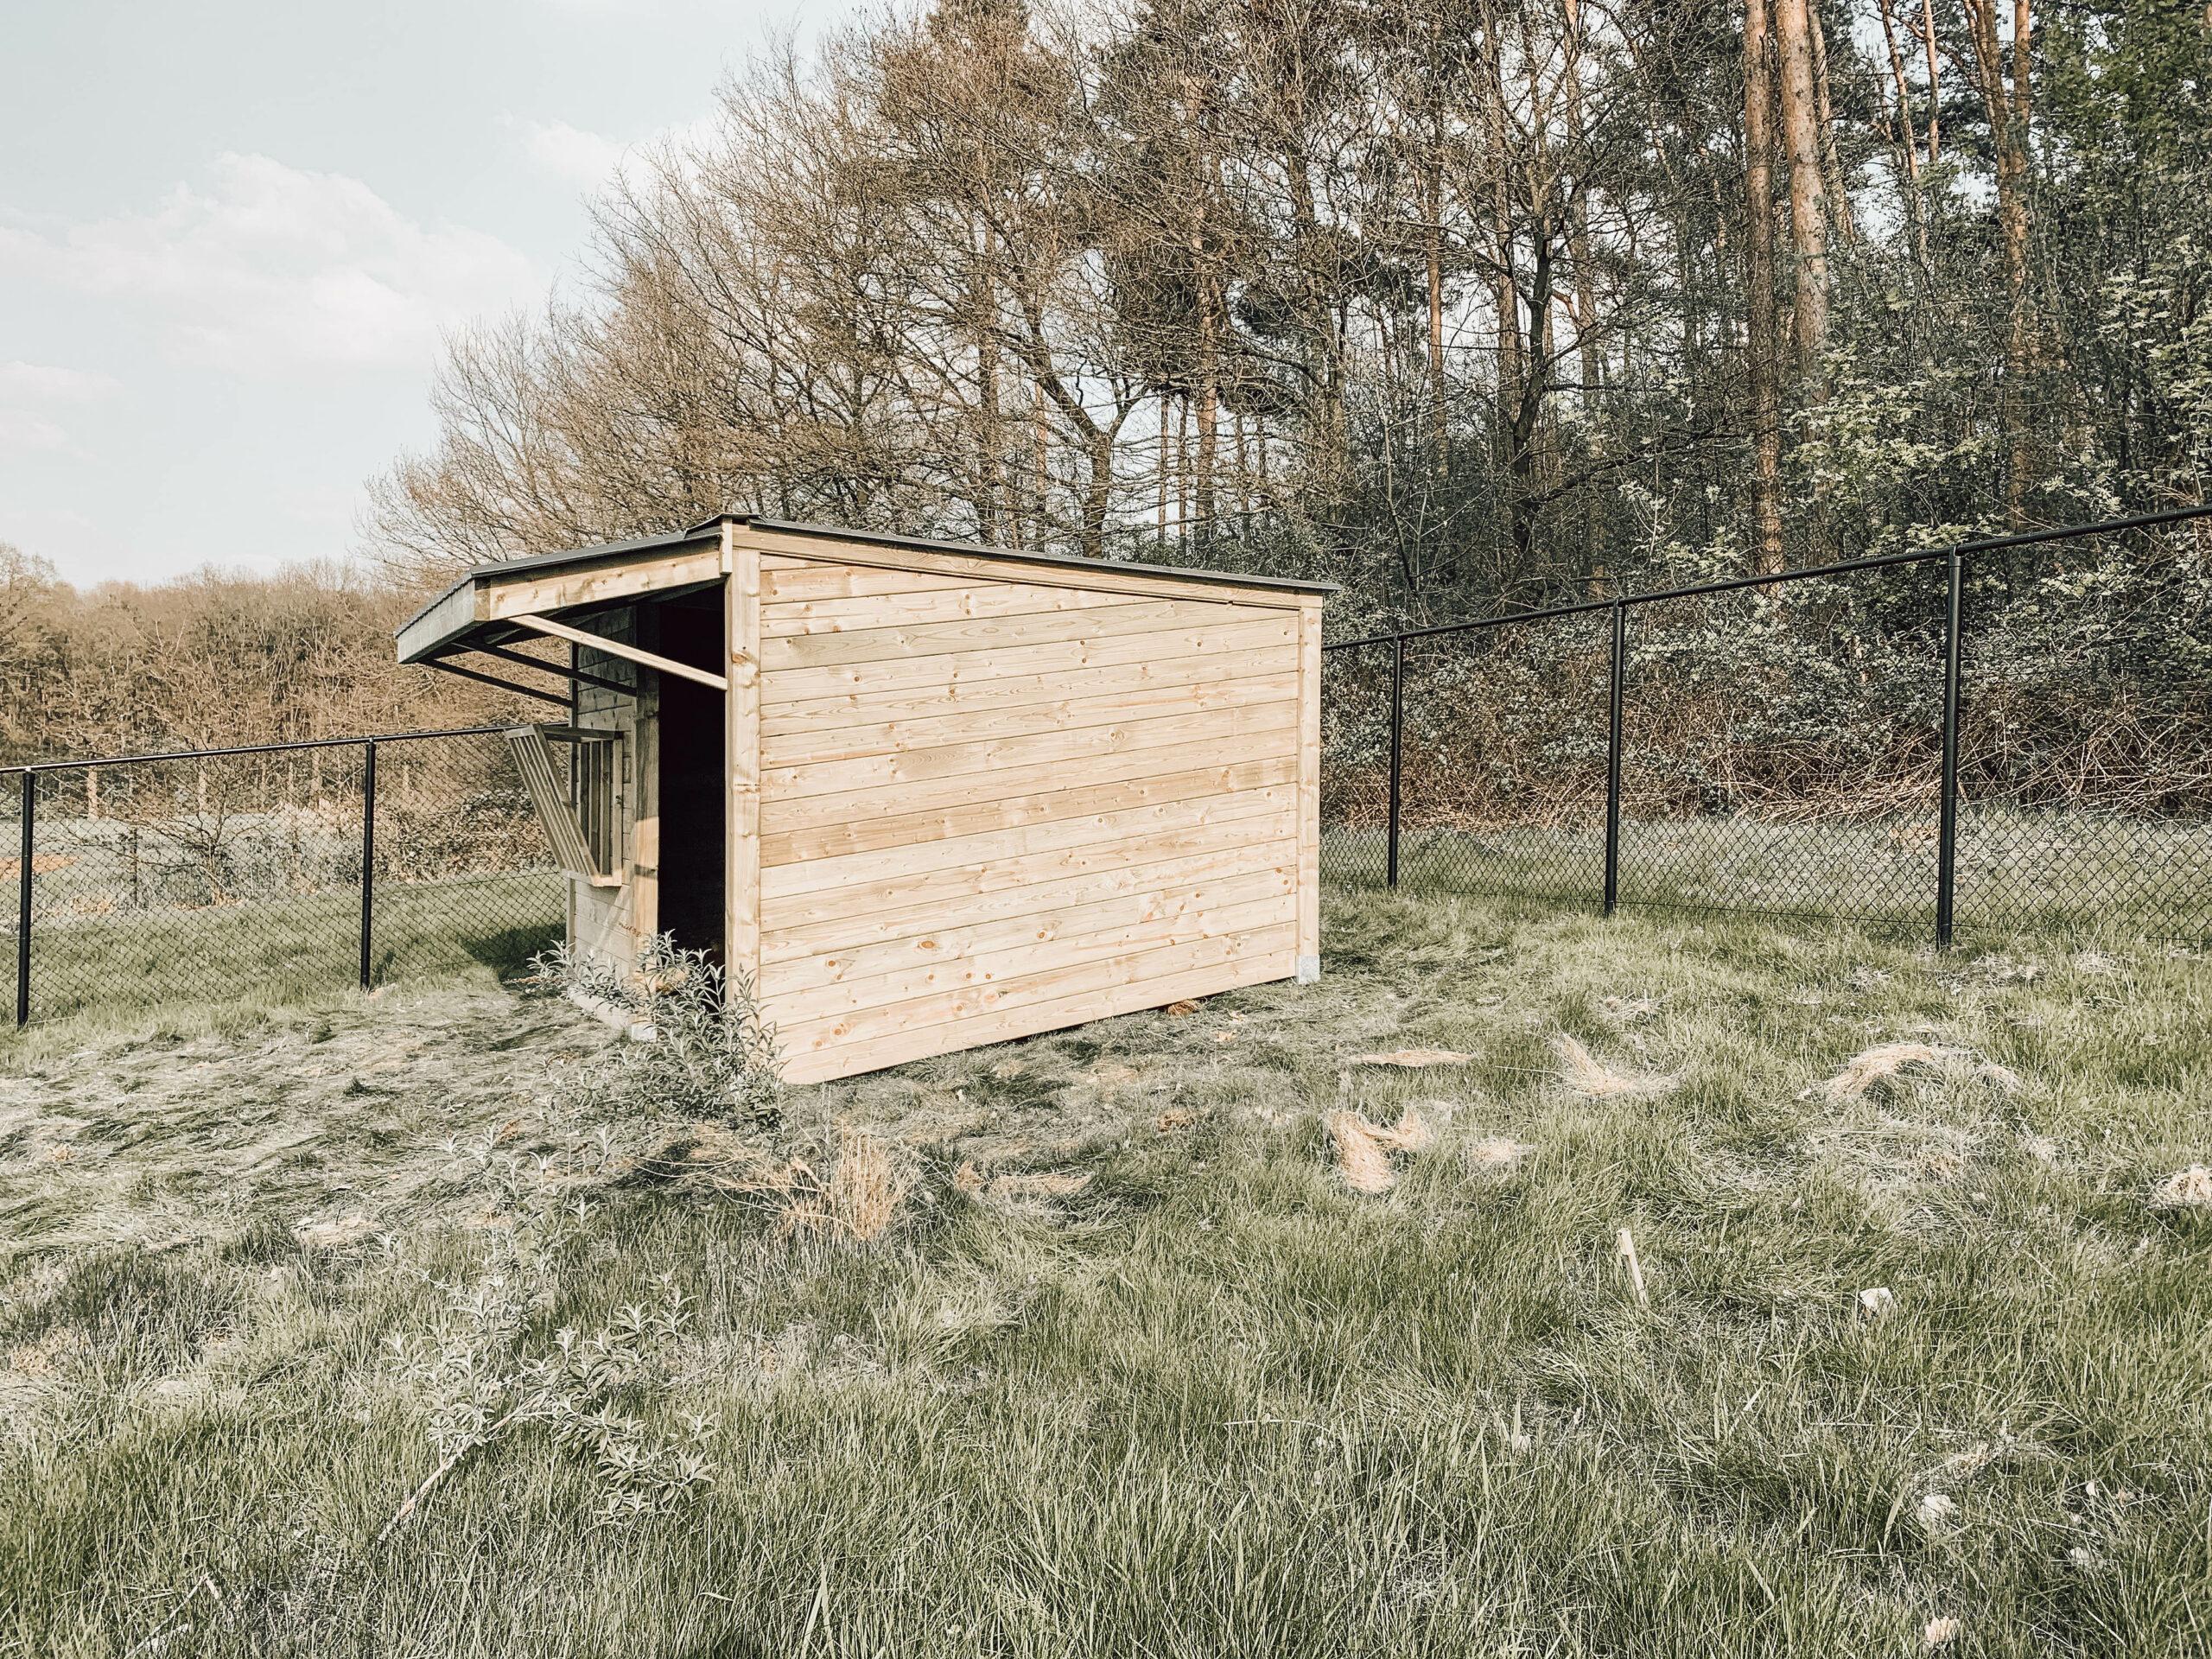 dierenhuis-hertenhuis-wei-buitenschrijnwerk-renovatie-nieuw